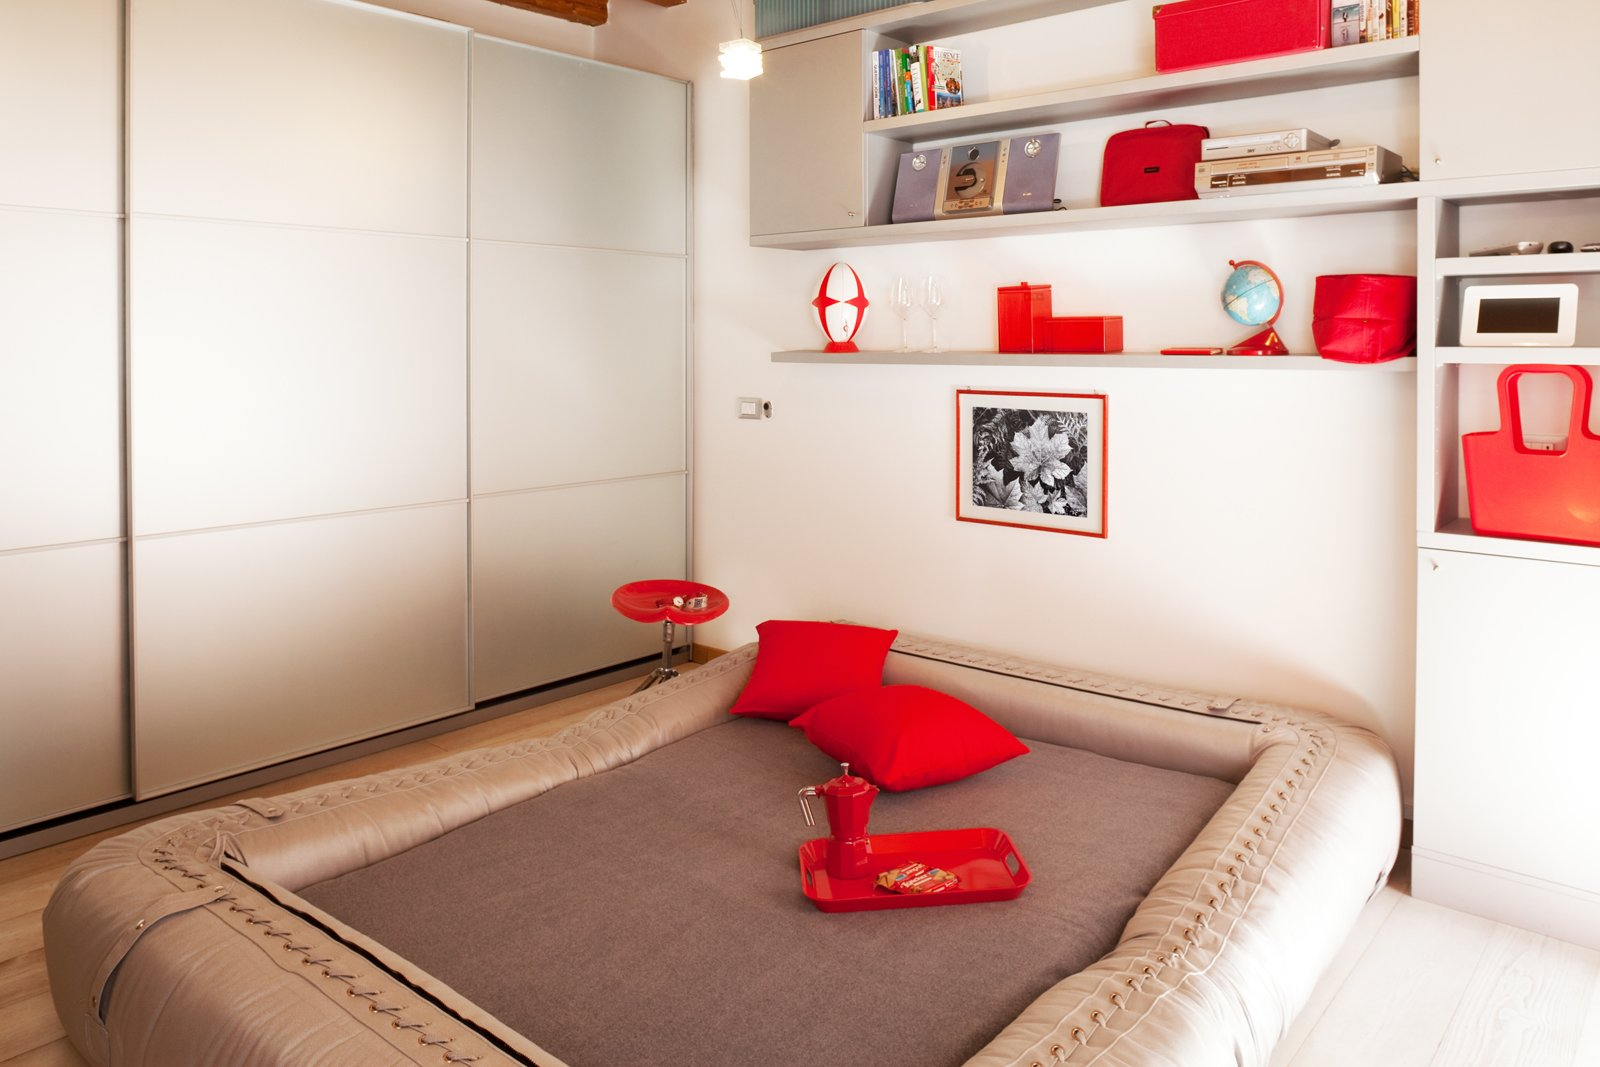 Camere da letto con soppalco : camere da letto con soppalco ...